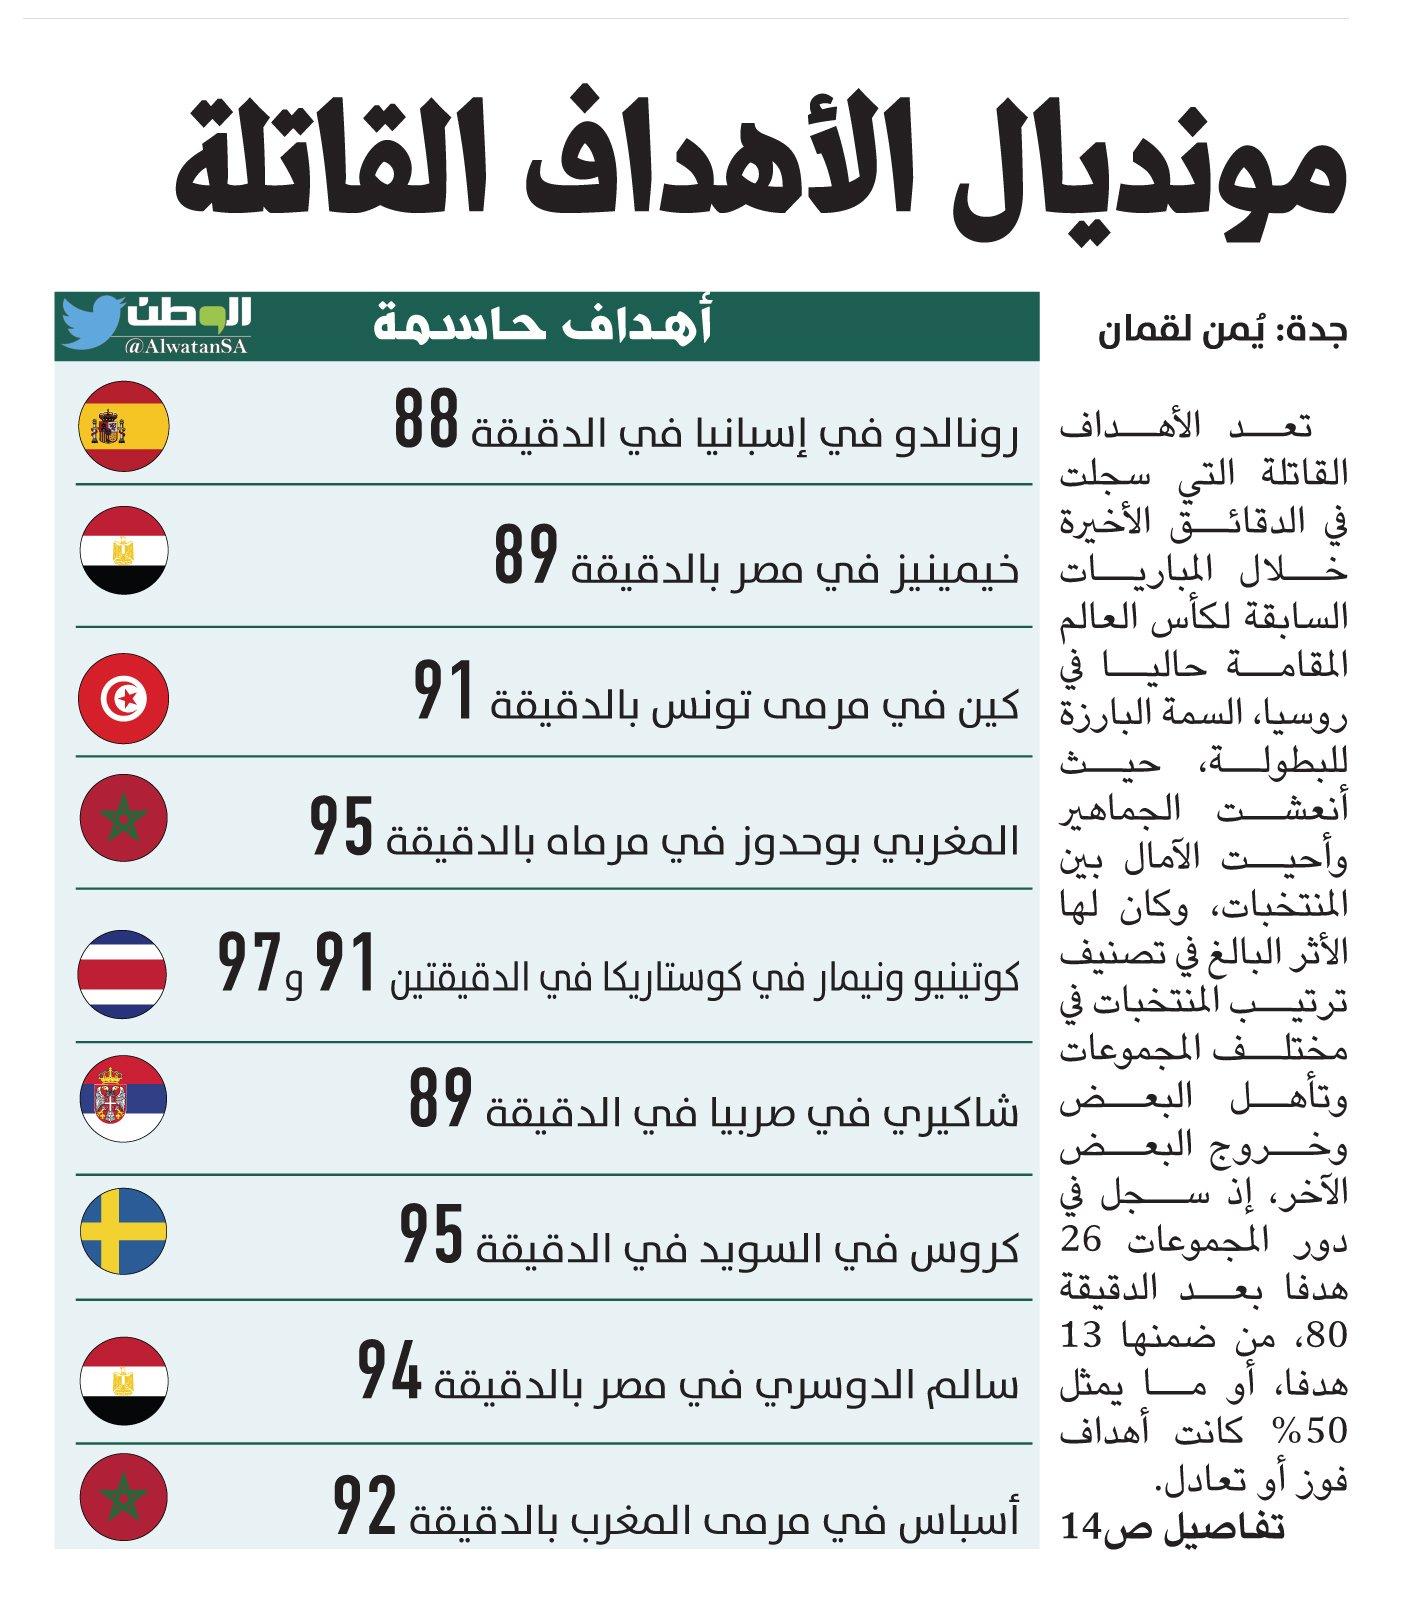 گل ایران به مراکش جزء 10 گل مرگبار جام جهانی 2018